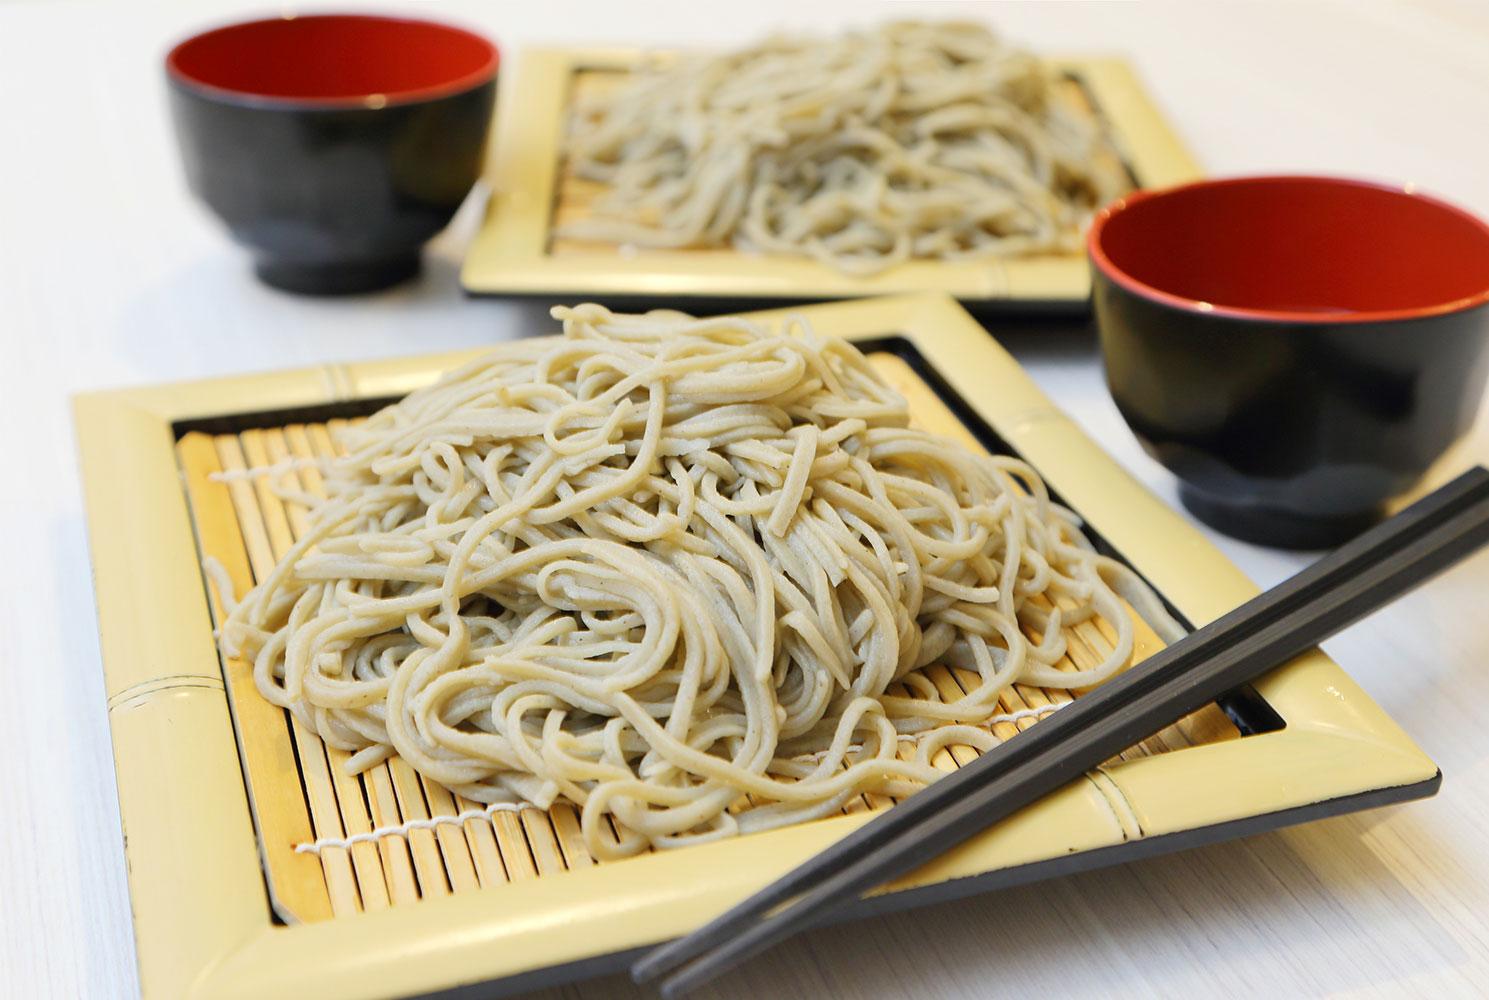 打ち そば 十割蕎麦は、江戸の昔から蕎麦の最高峰/片山虎之介=文